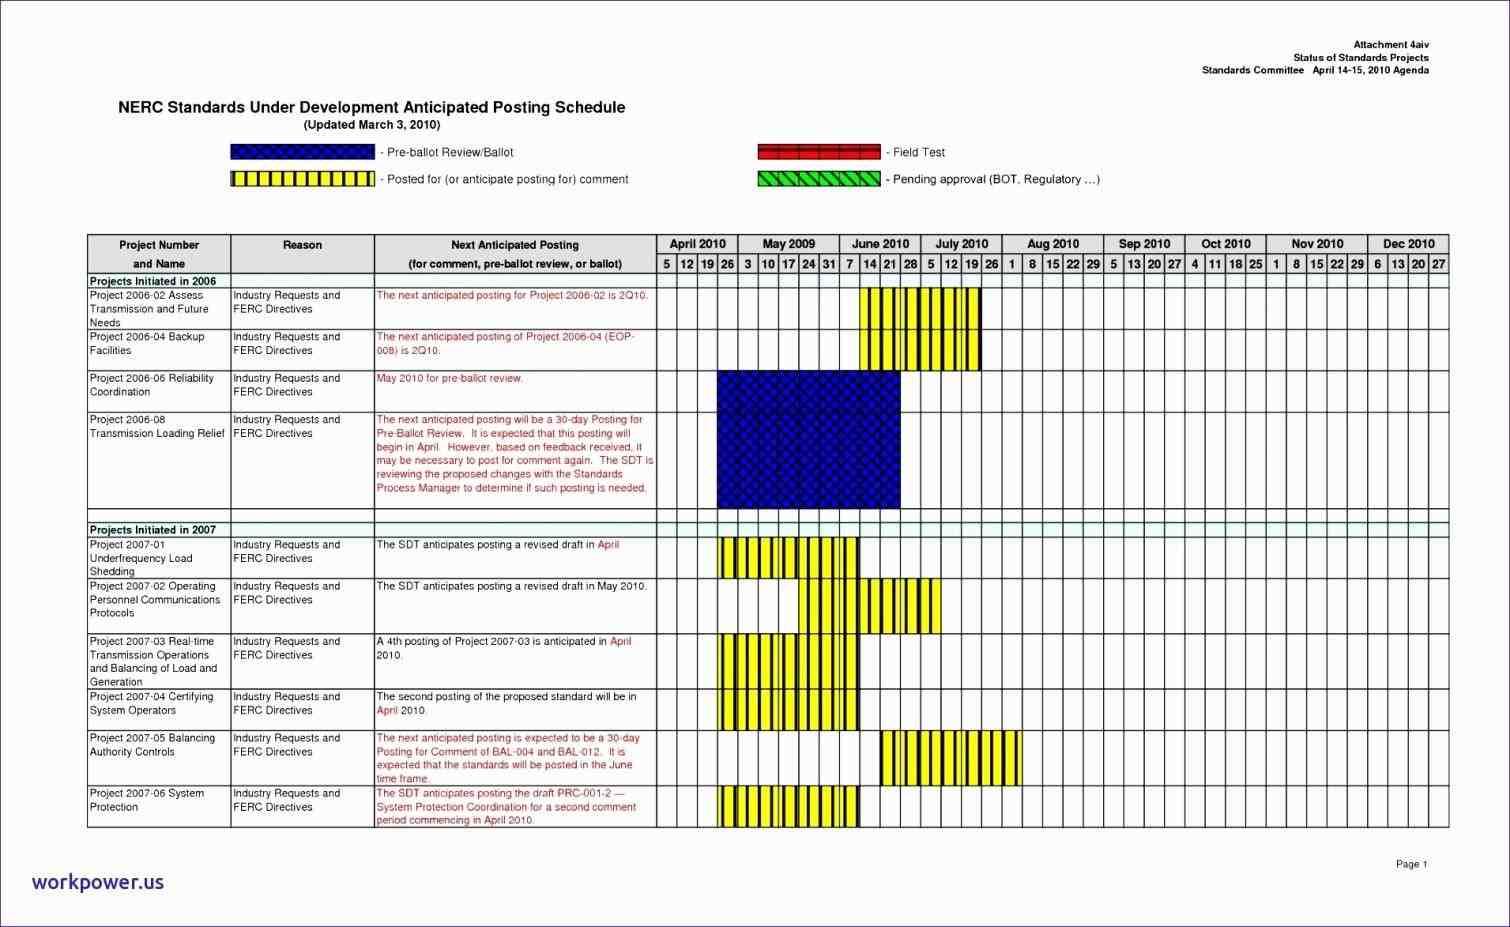 for macrheasybusinessfinancenet download c program excel rhkukkoblockcom download Simple Gantt Chart Template Excel Download gantt chart c program excel template rhkukkoblockcom